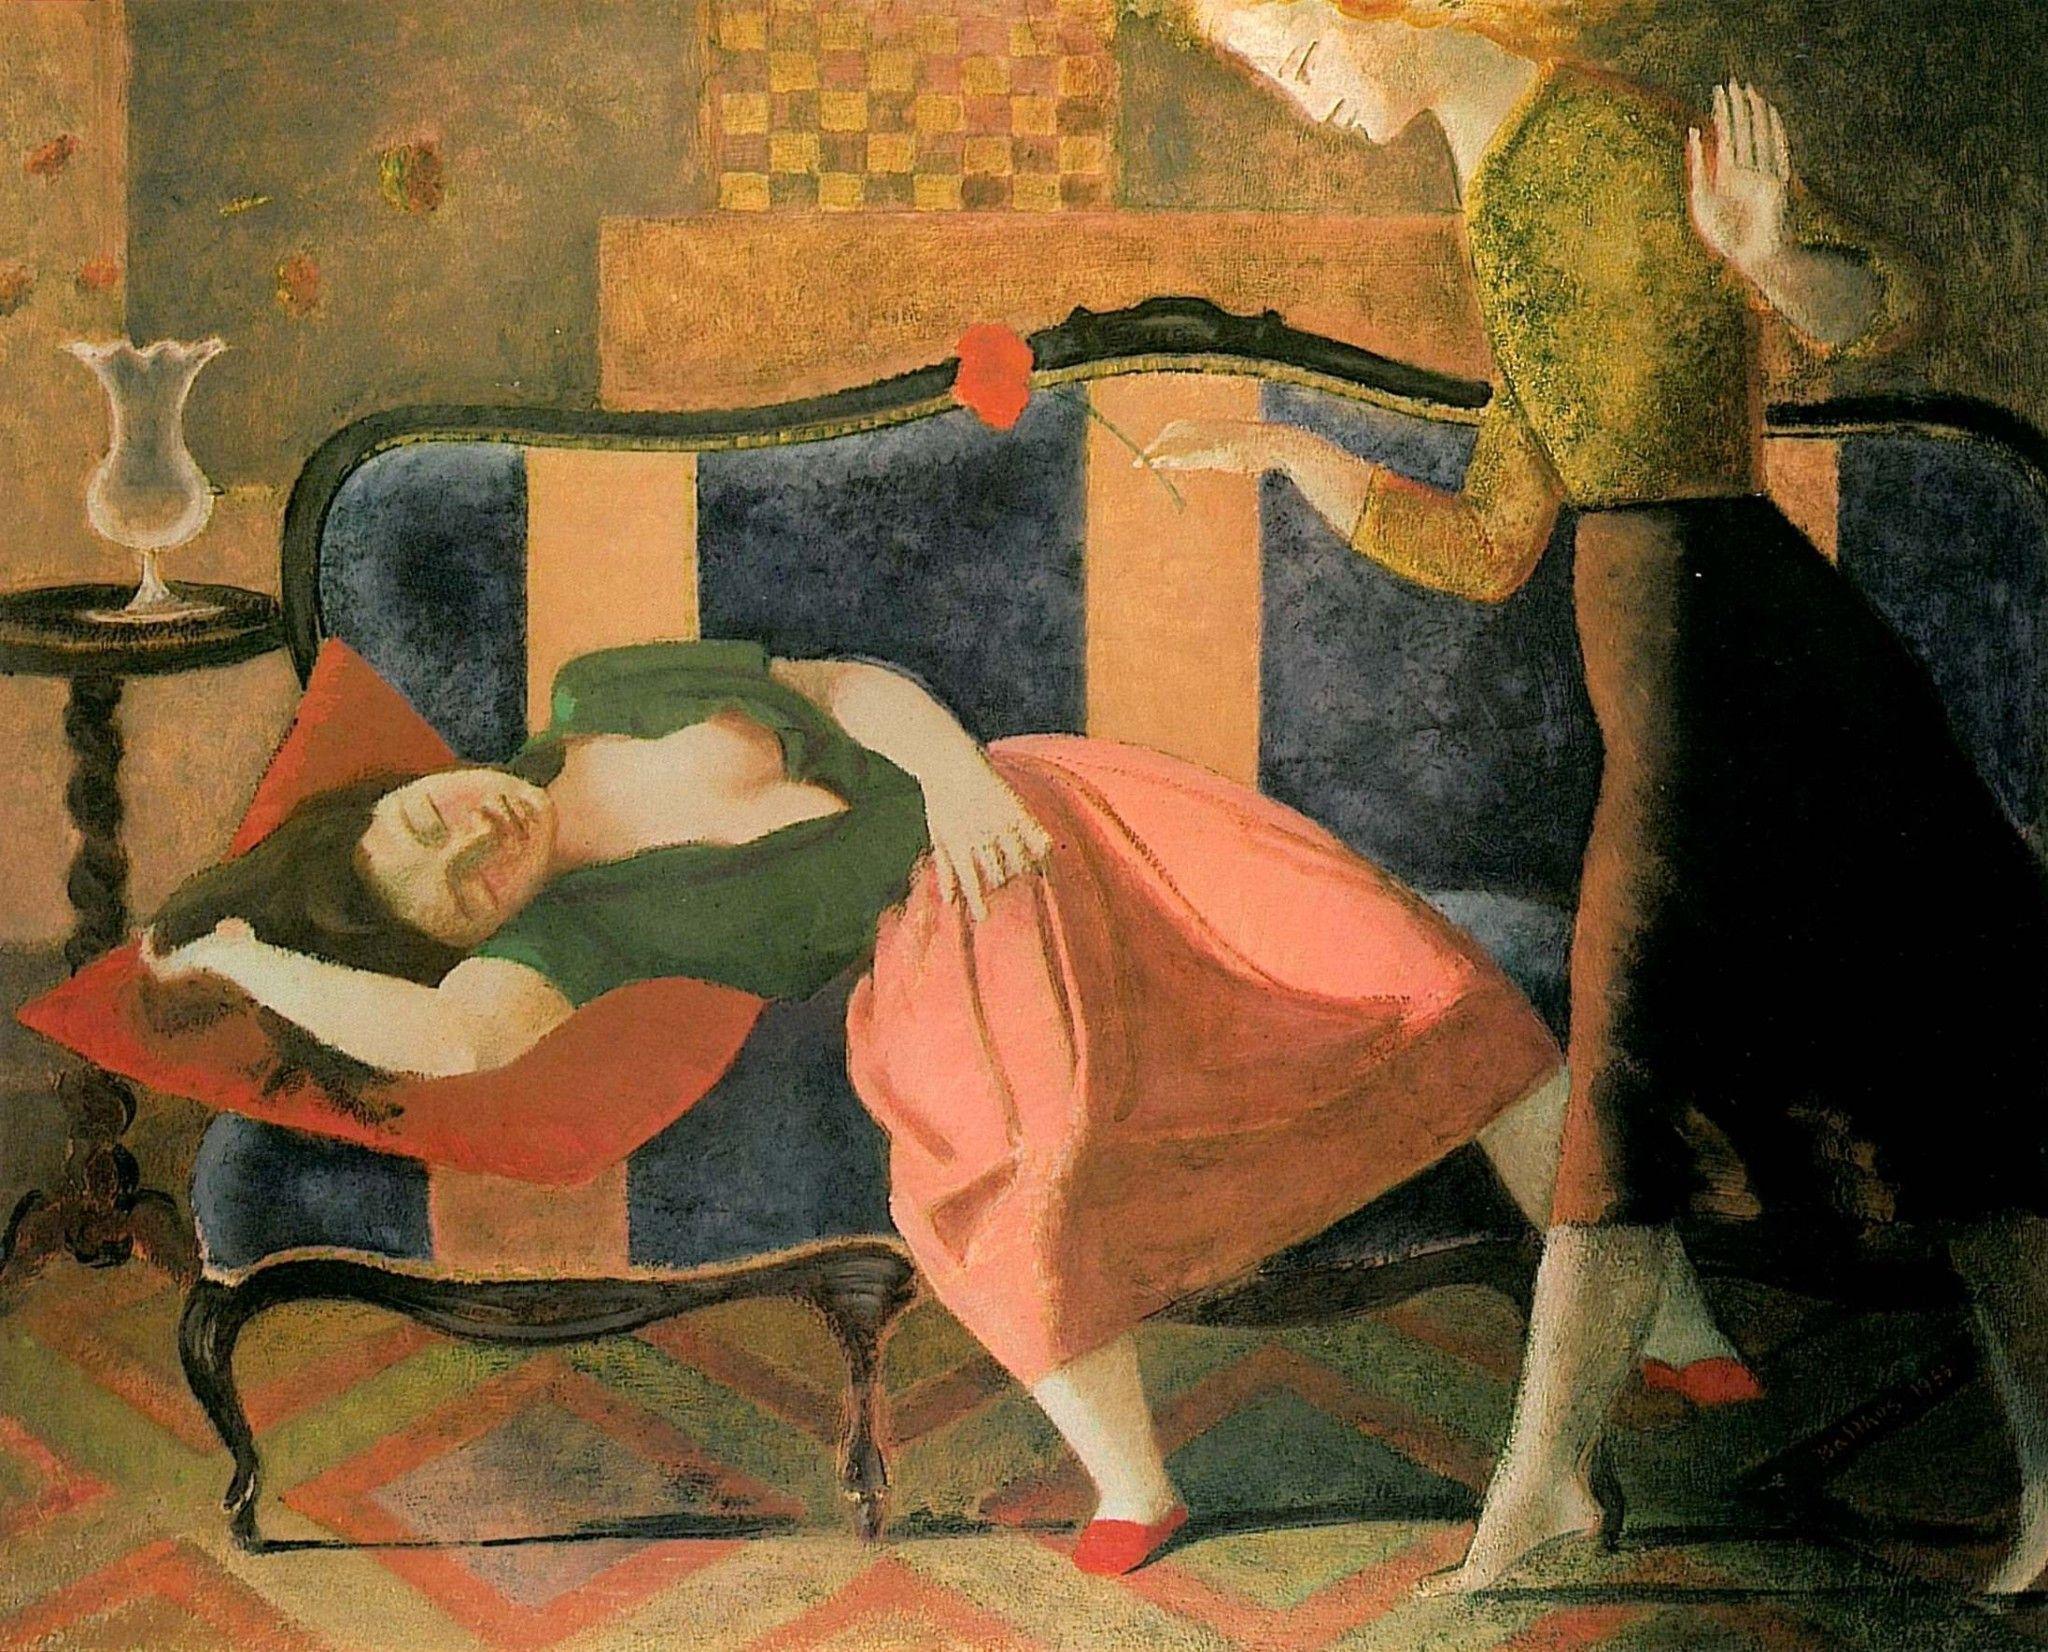 Balthus (Balthasar Kłossowski de Rola), París, 1908-2001